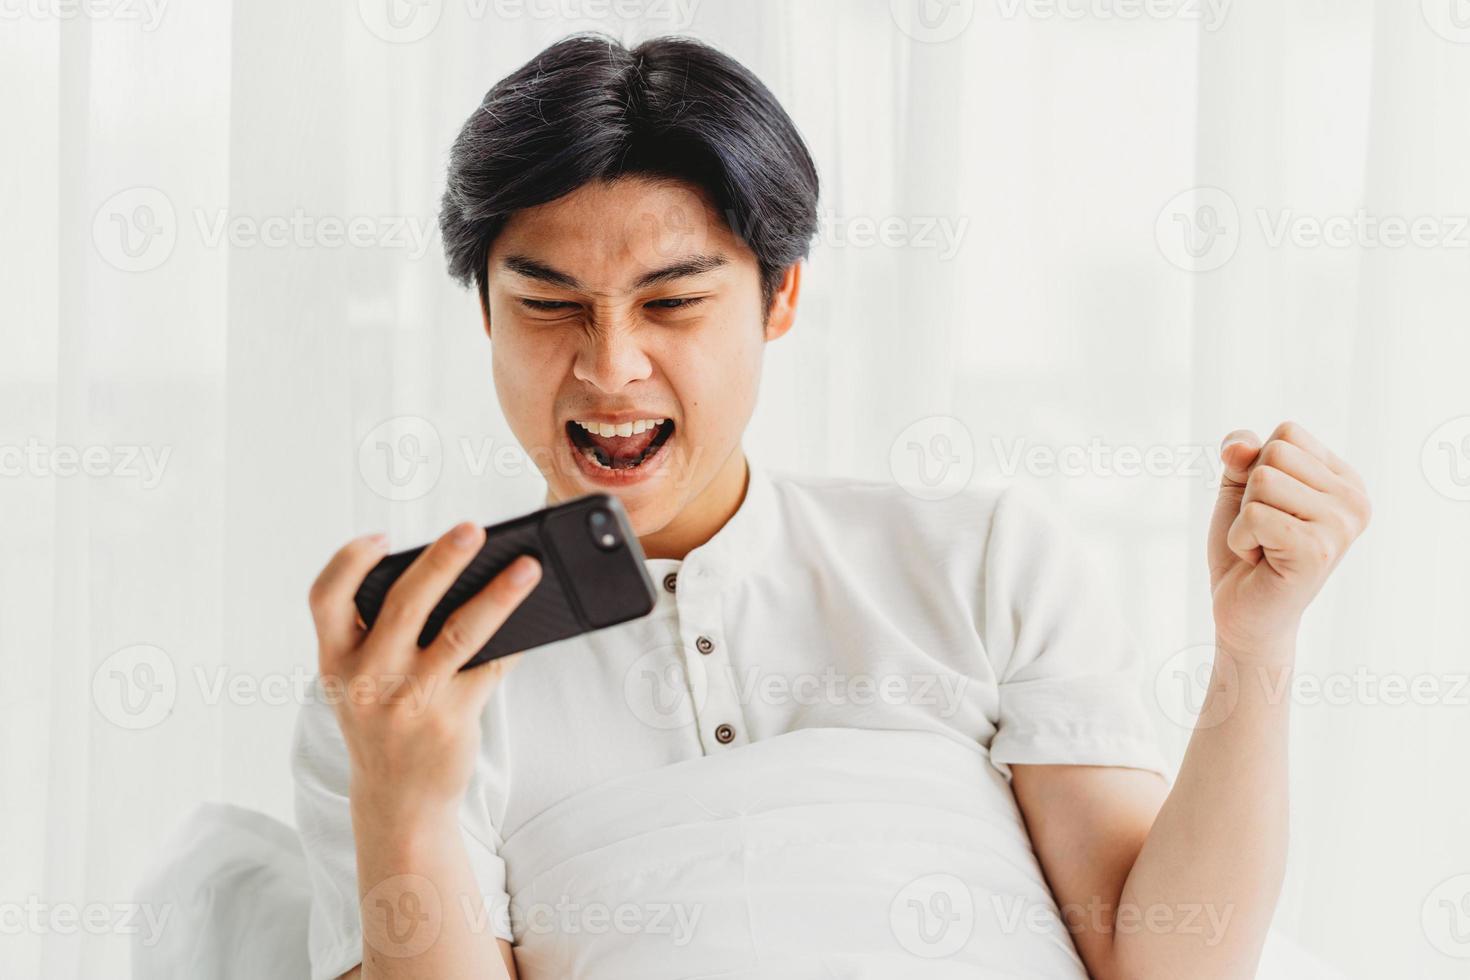 homme asiatique assis dans son lit jouant au jeu. l'homme asiatique est excité par la victoire en jouant au jeu mobile photo